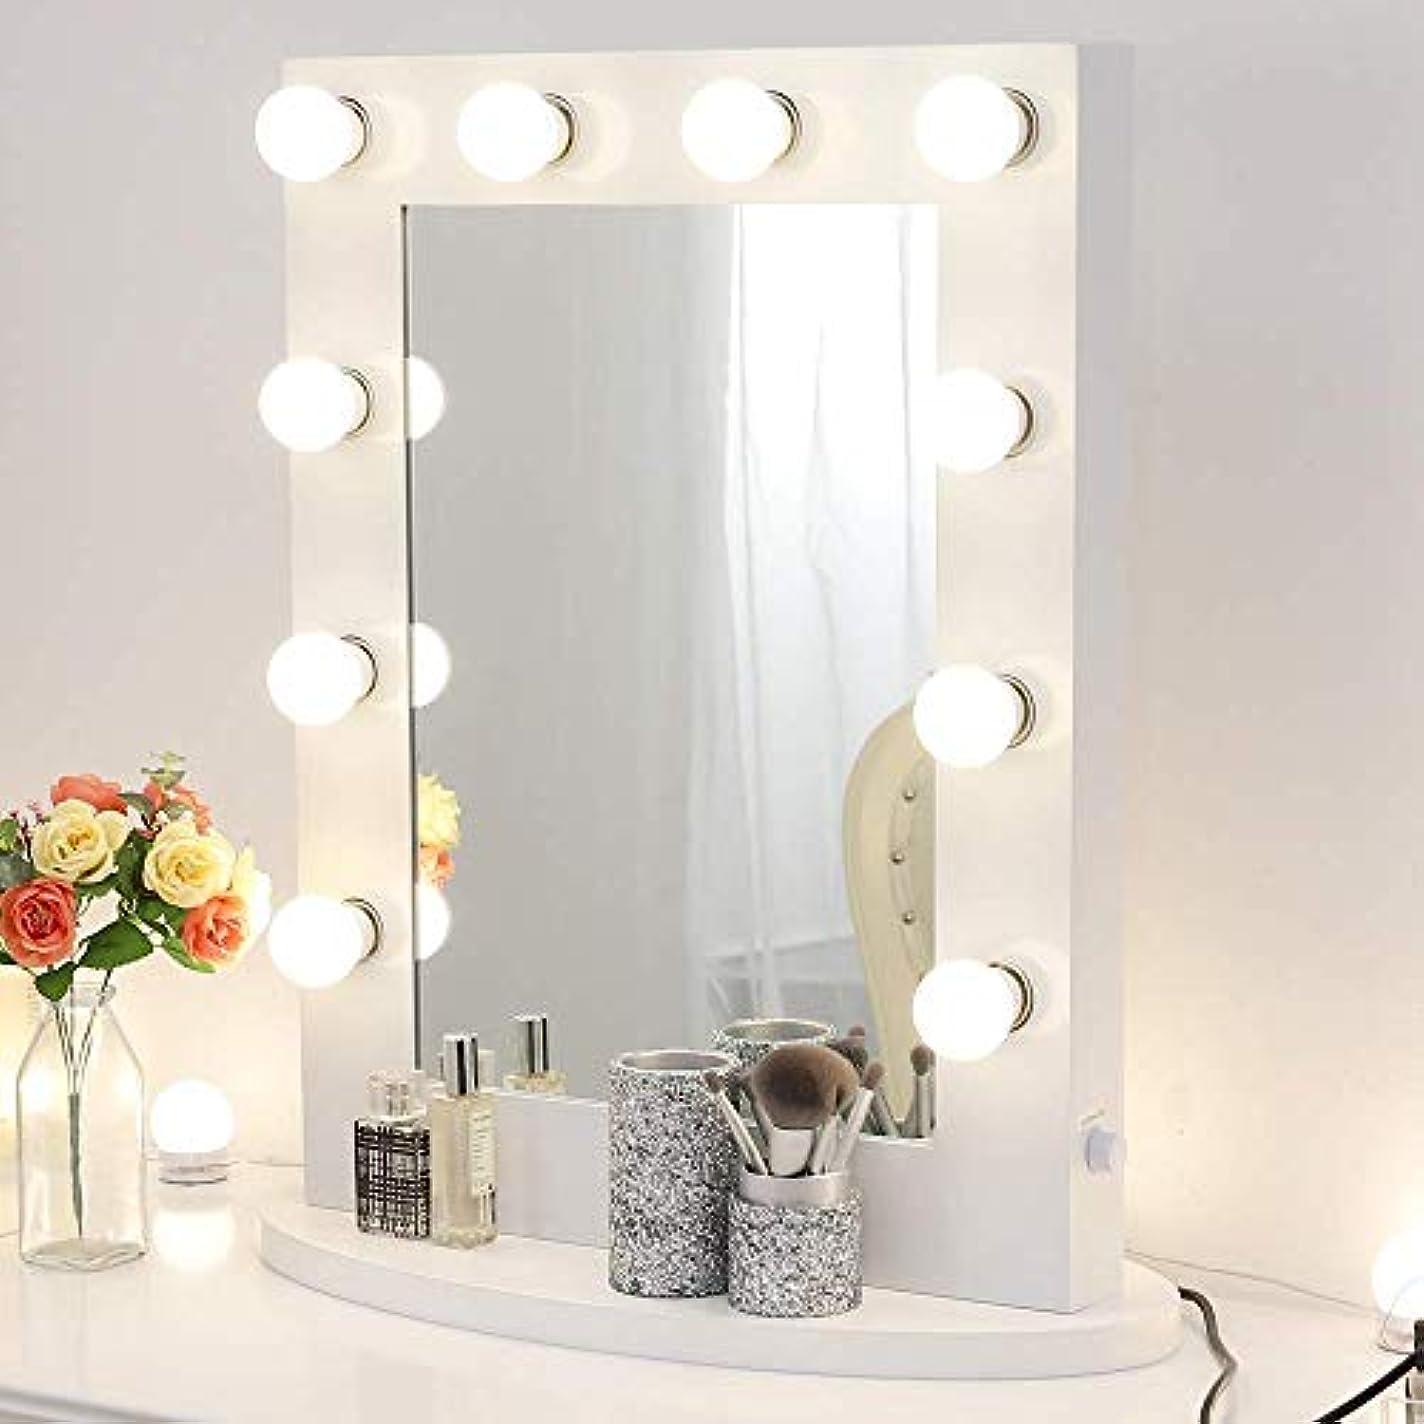 赤道高める輸血女優ミラー 大型 65*50cm 無段階調光?コンセント付き 壁掛け LED ライト付き 化粧鏡 ハリウッドミラー ドレッサー (ホワイト)